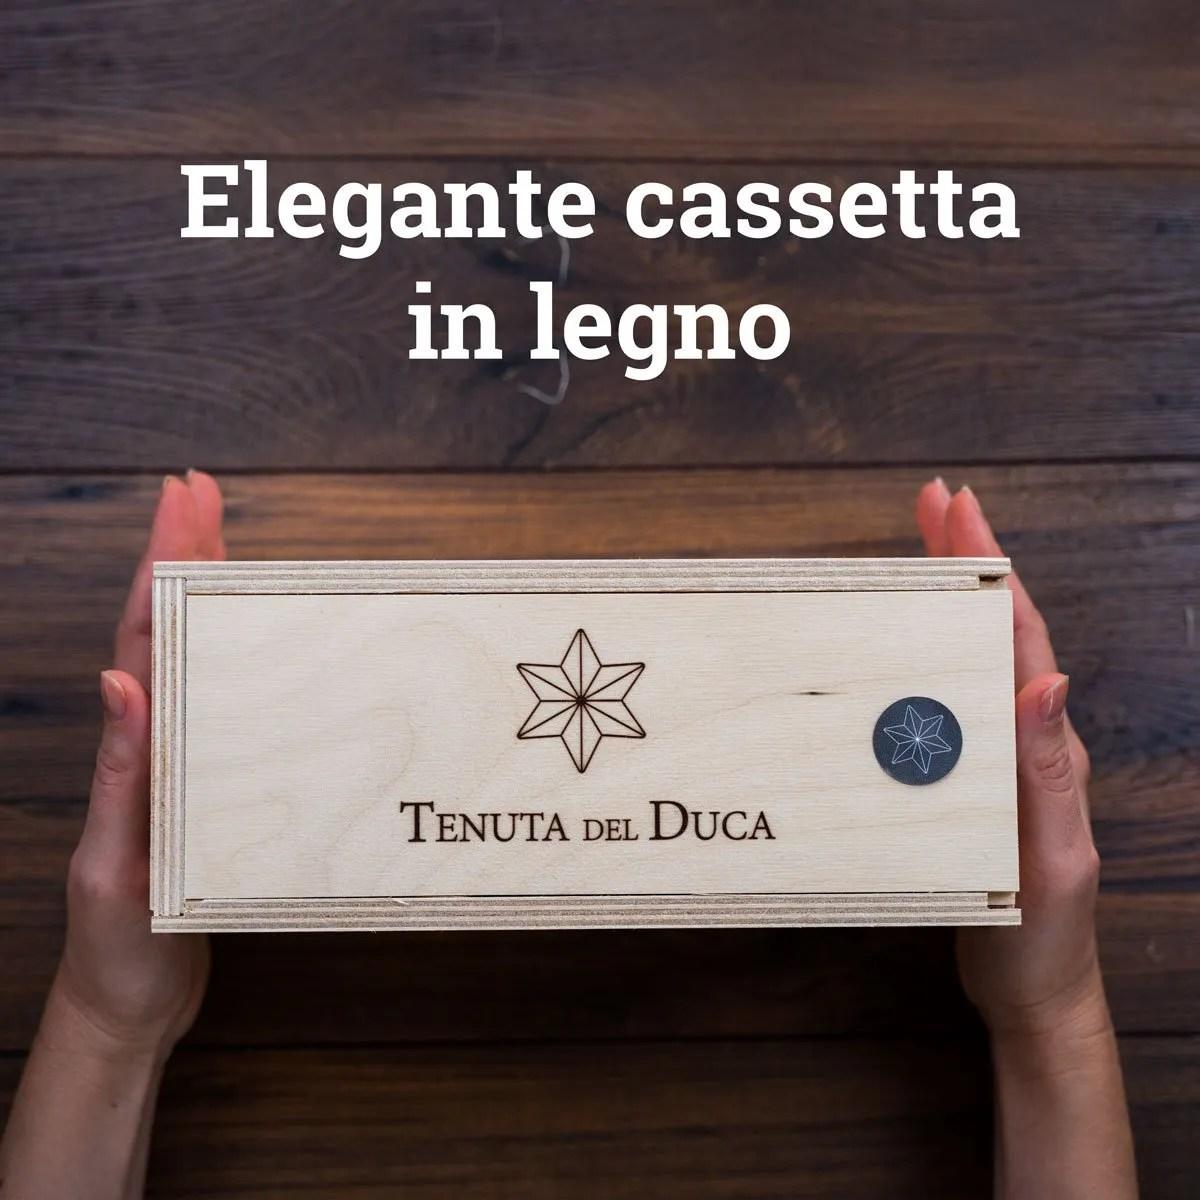 Fikurì Cassetta in legno01 - Tenuta del Duca